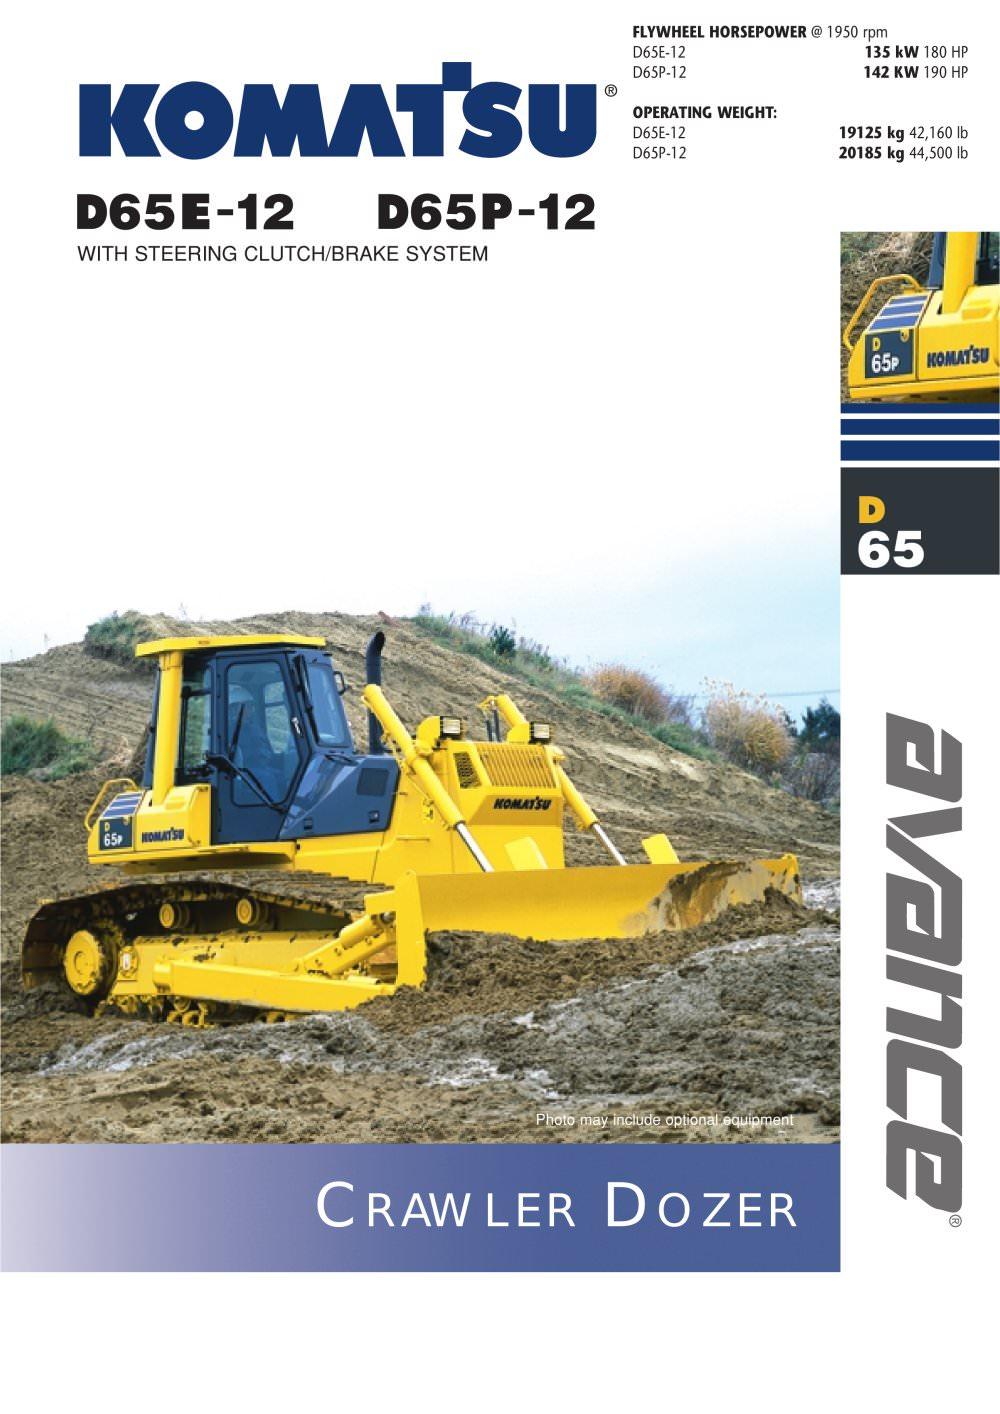 D65E-12 - 1 / 10 Pages